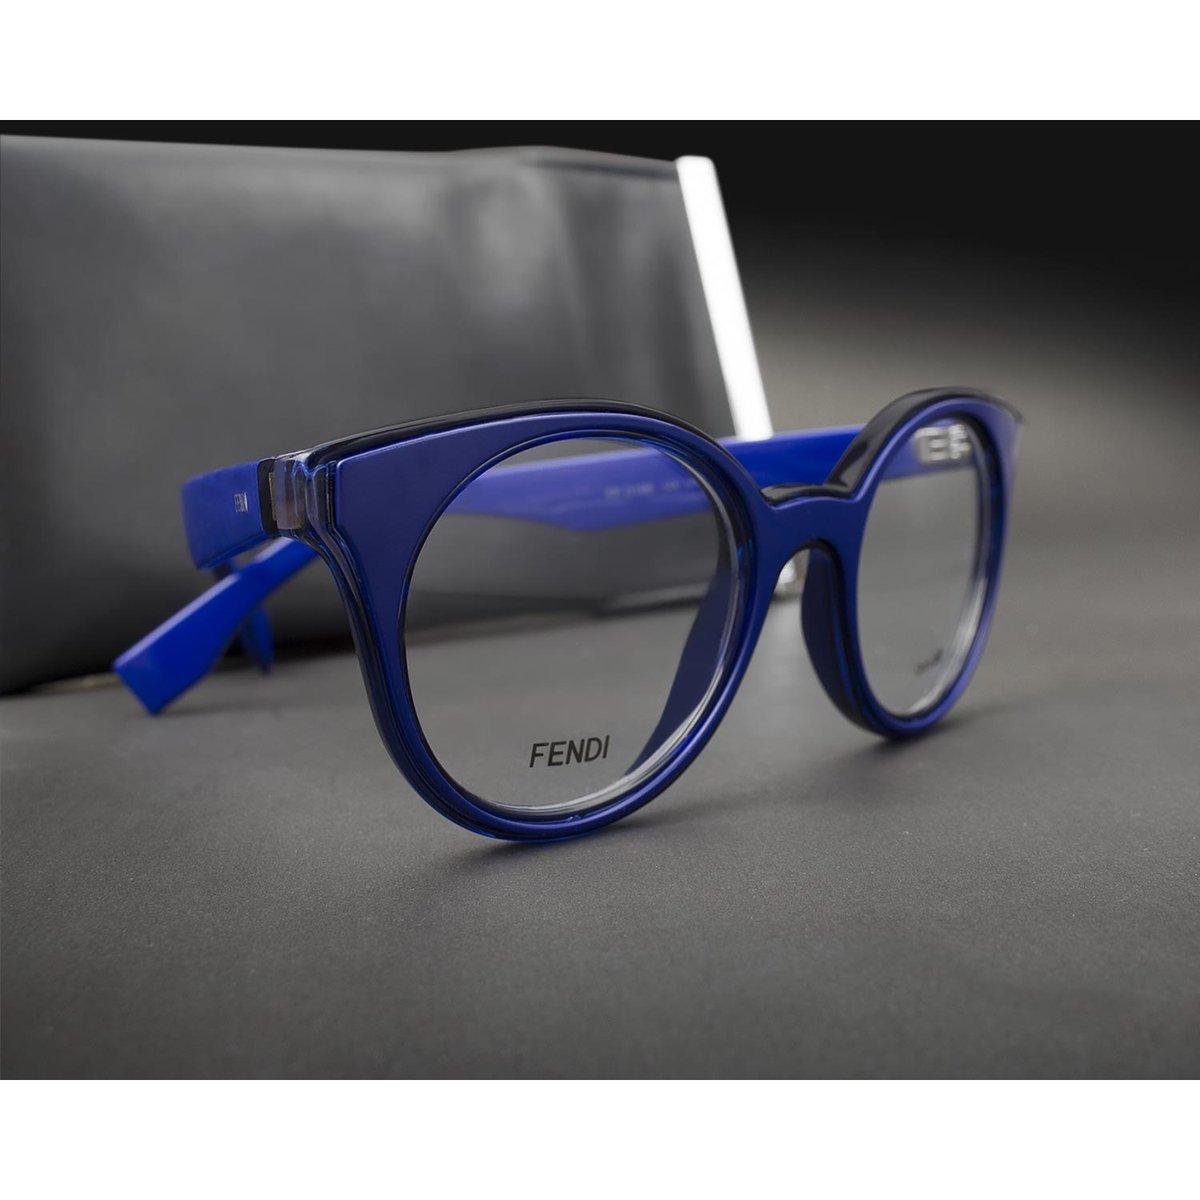 Armação Óculos de Grau Fendi FF0198 L04-47 - Compre Agora   Zattini f6373be7cc